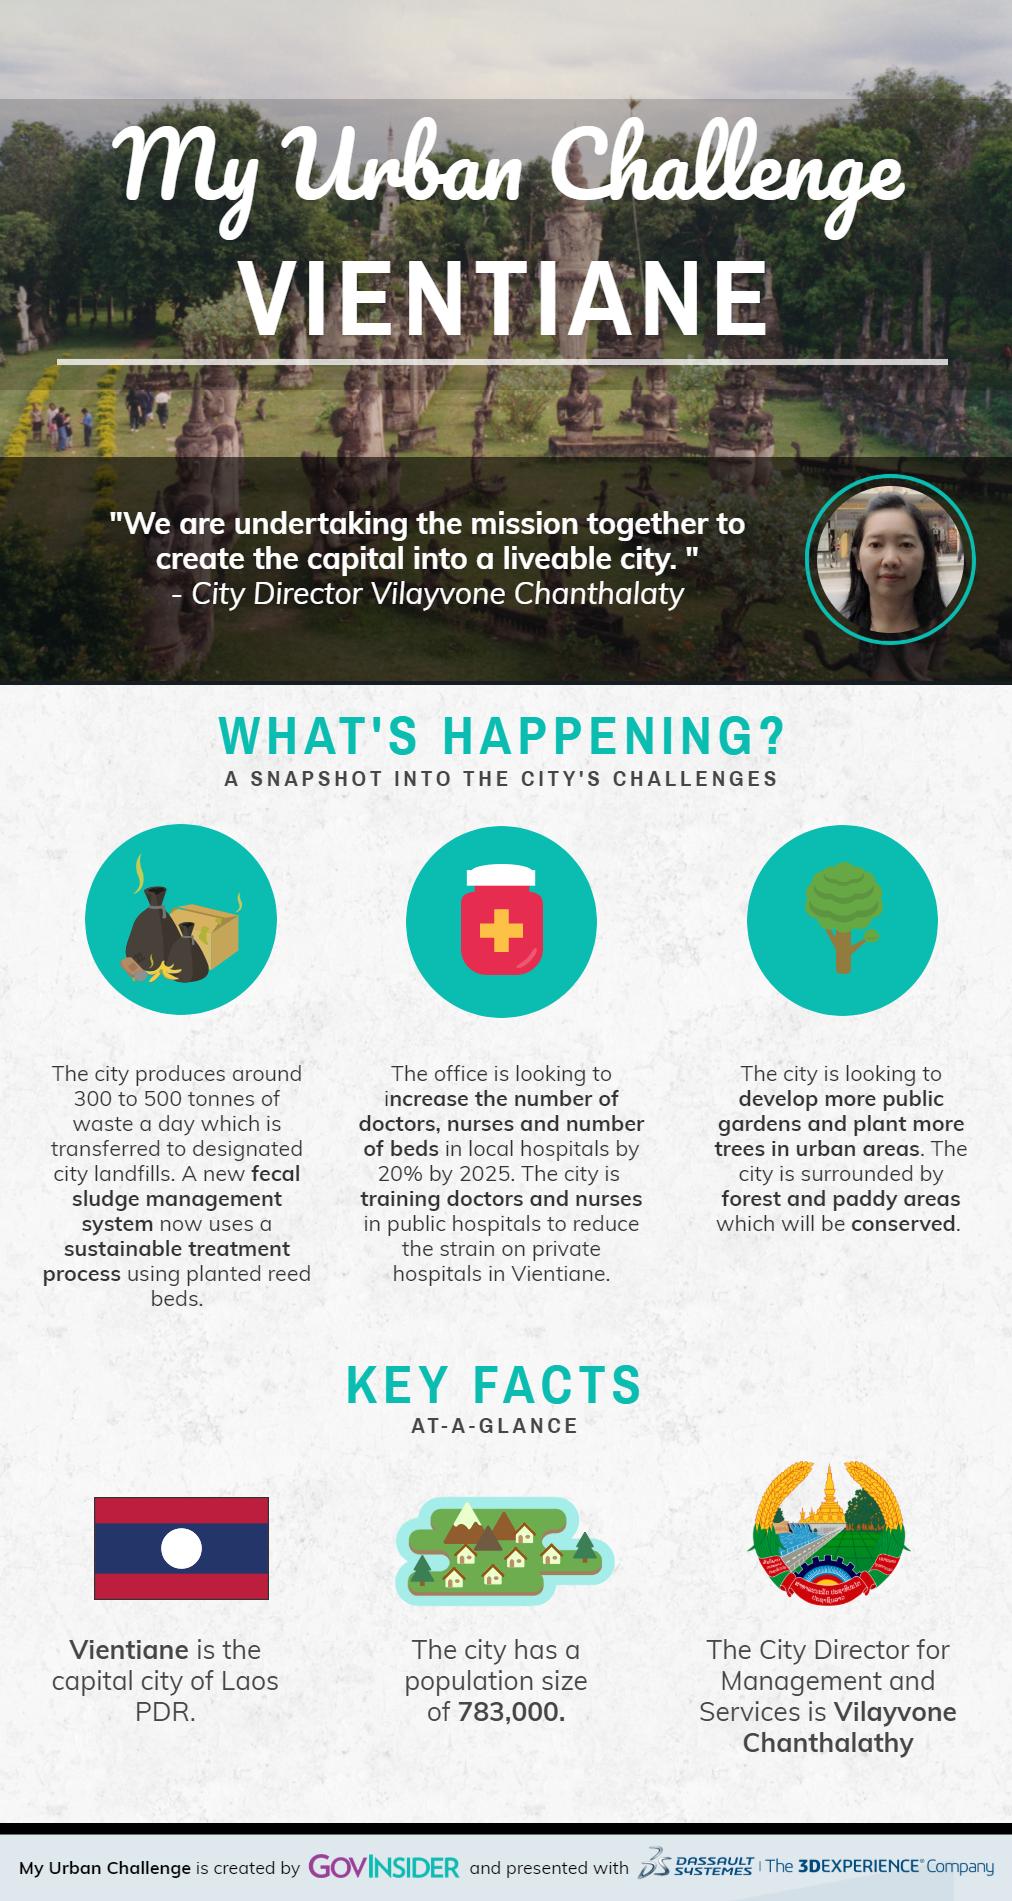 my urban challenge infographic with dassault systemes by govinsider part 3 vientiane